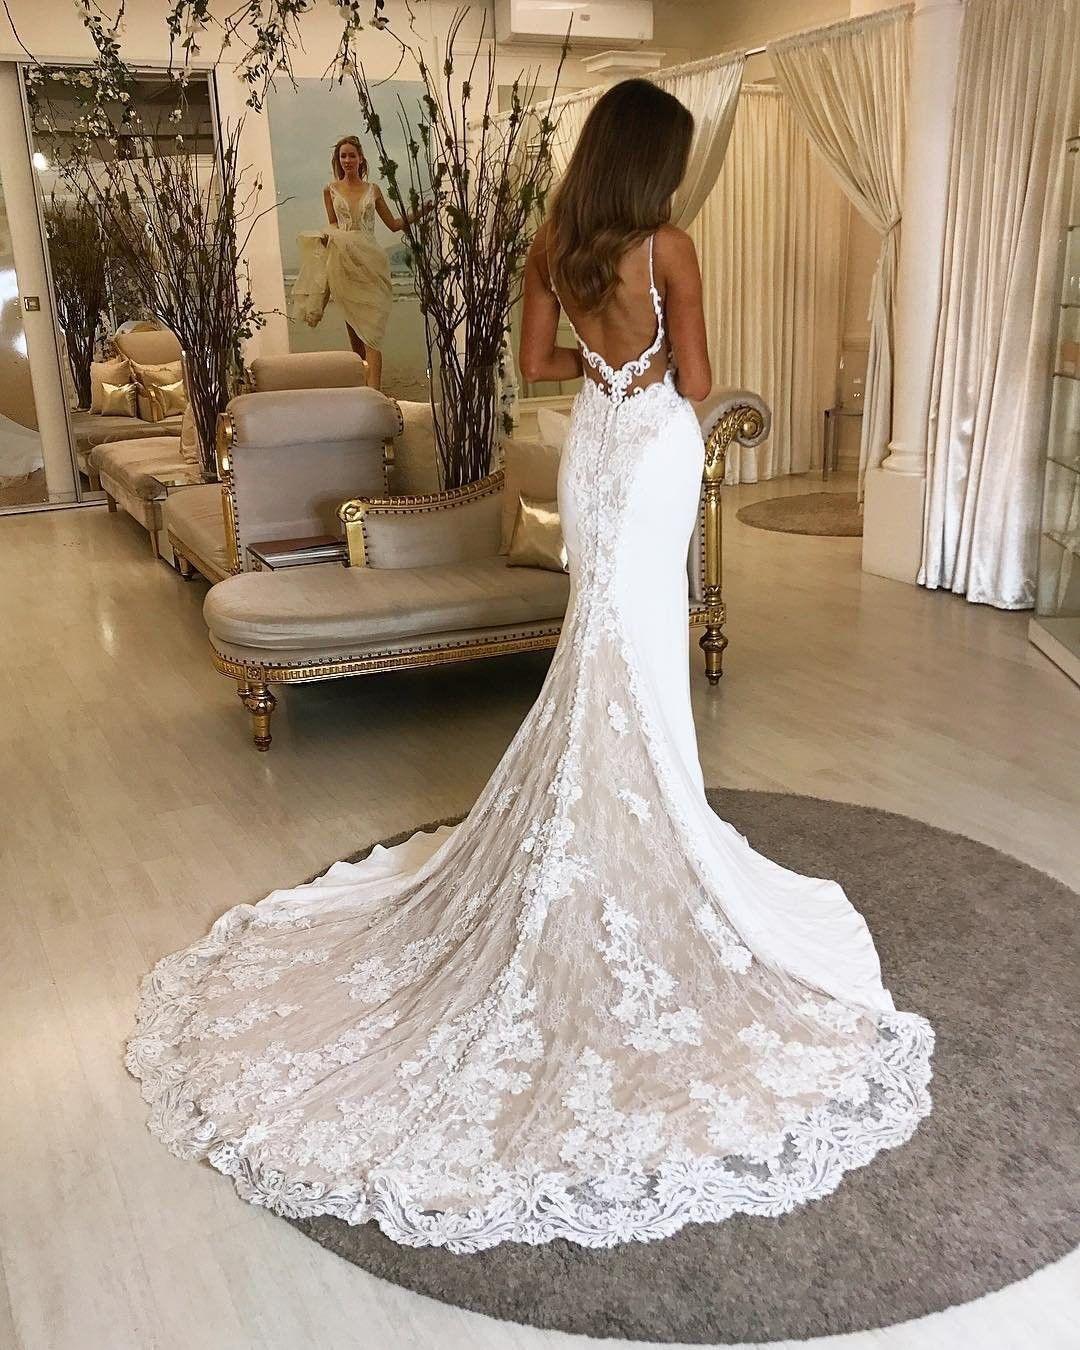 """Hochzeitskleider-Galerie auf Instagram: """"Hast du jemals von deiner Hochzeit geträumt …"""